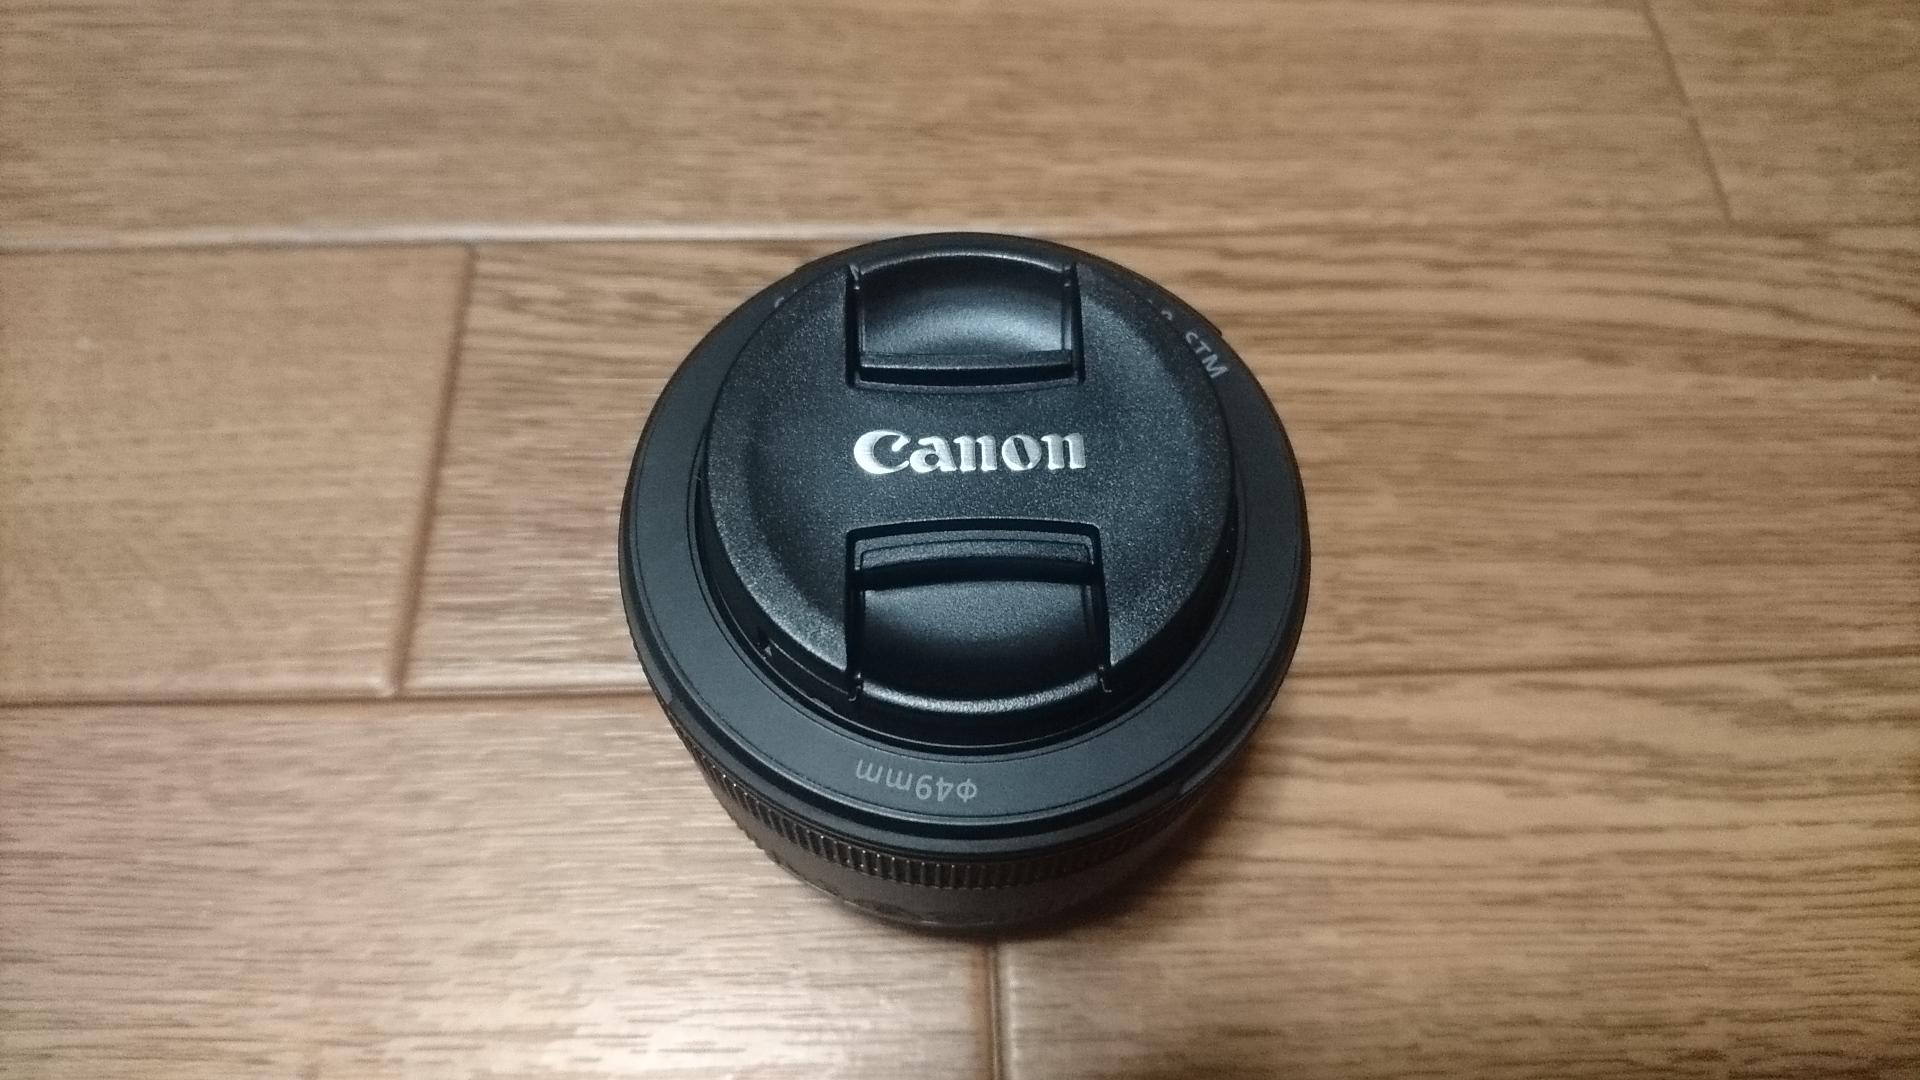 Canon 単焦点レンズ EF50mm F1.8 その2